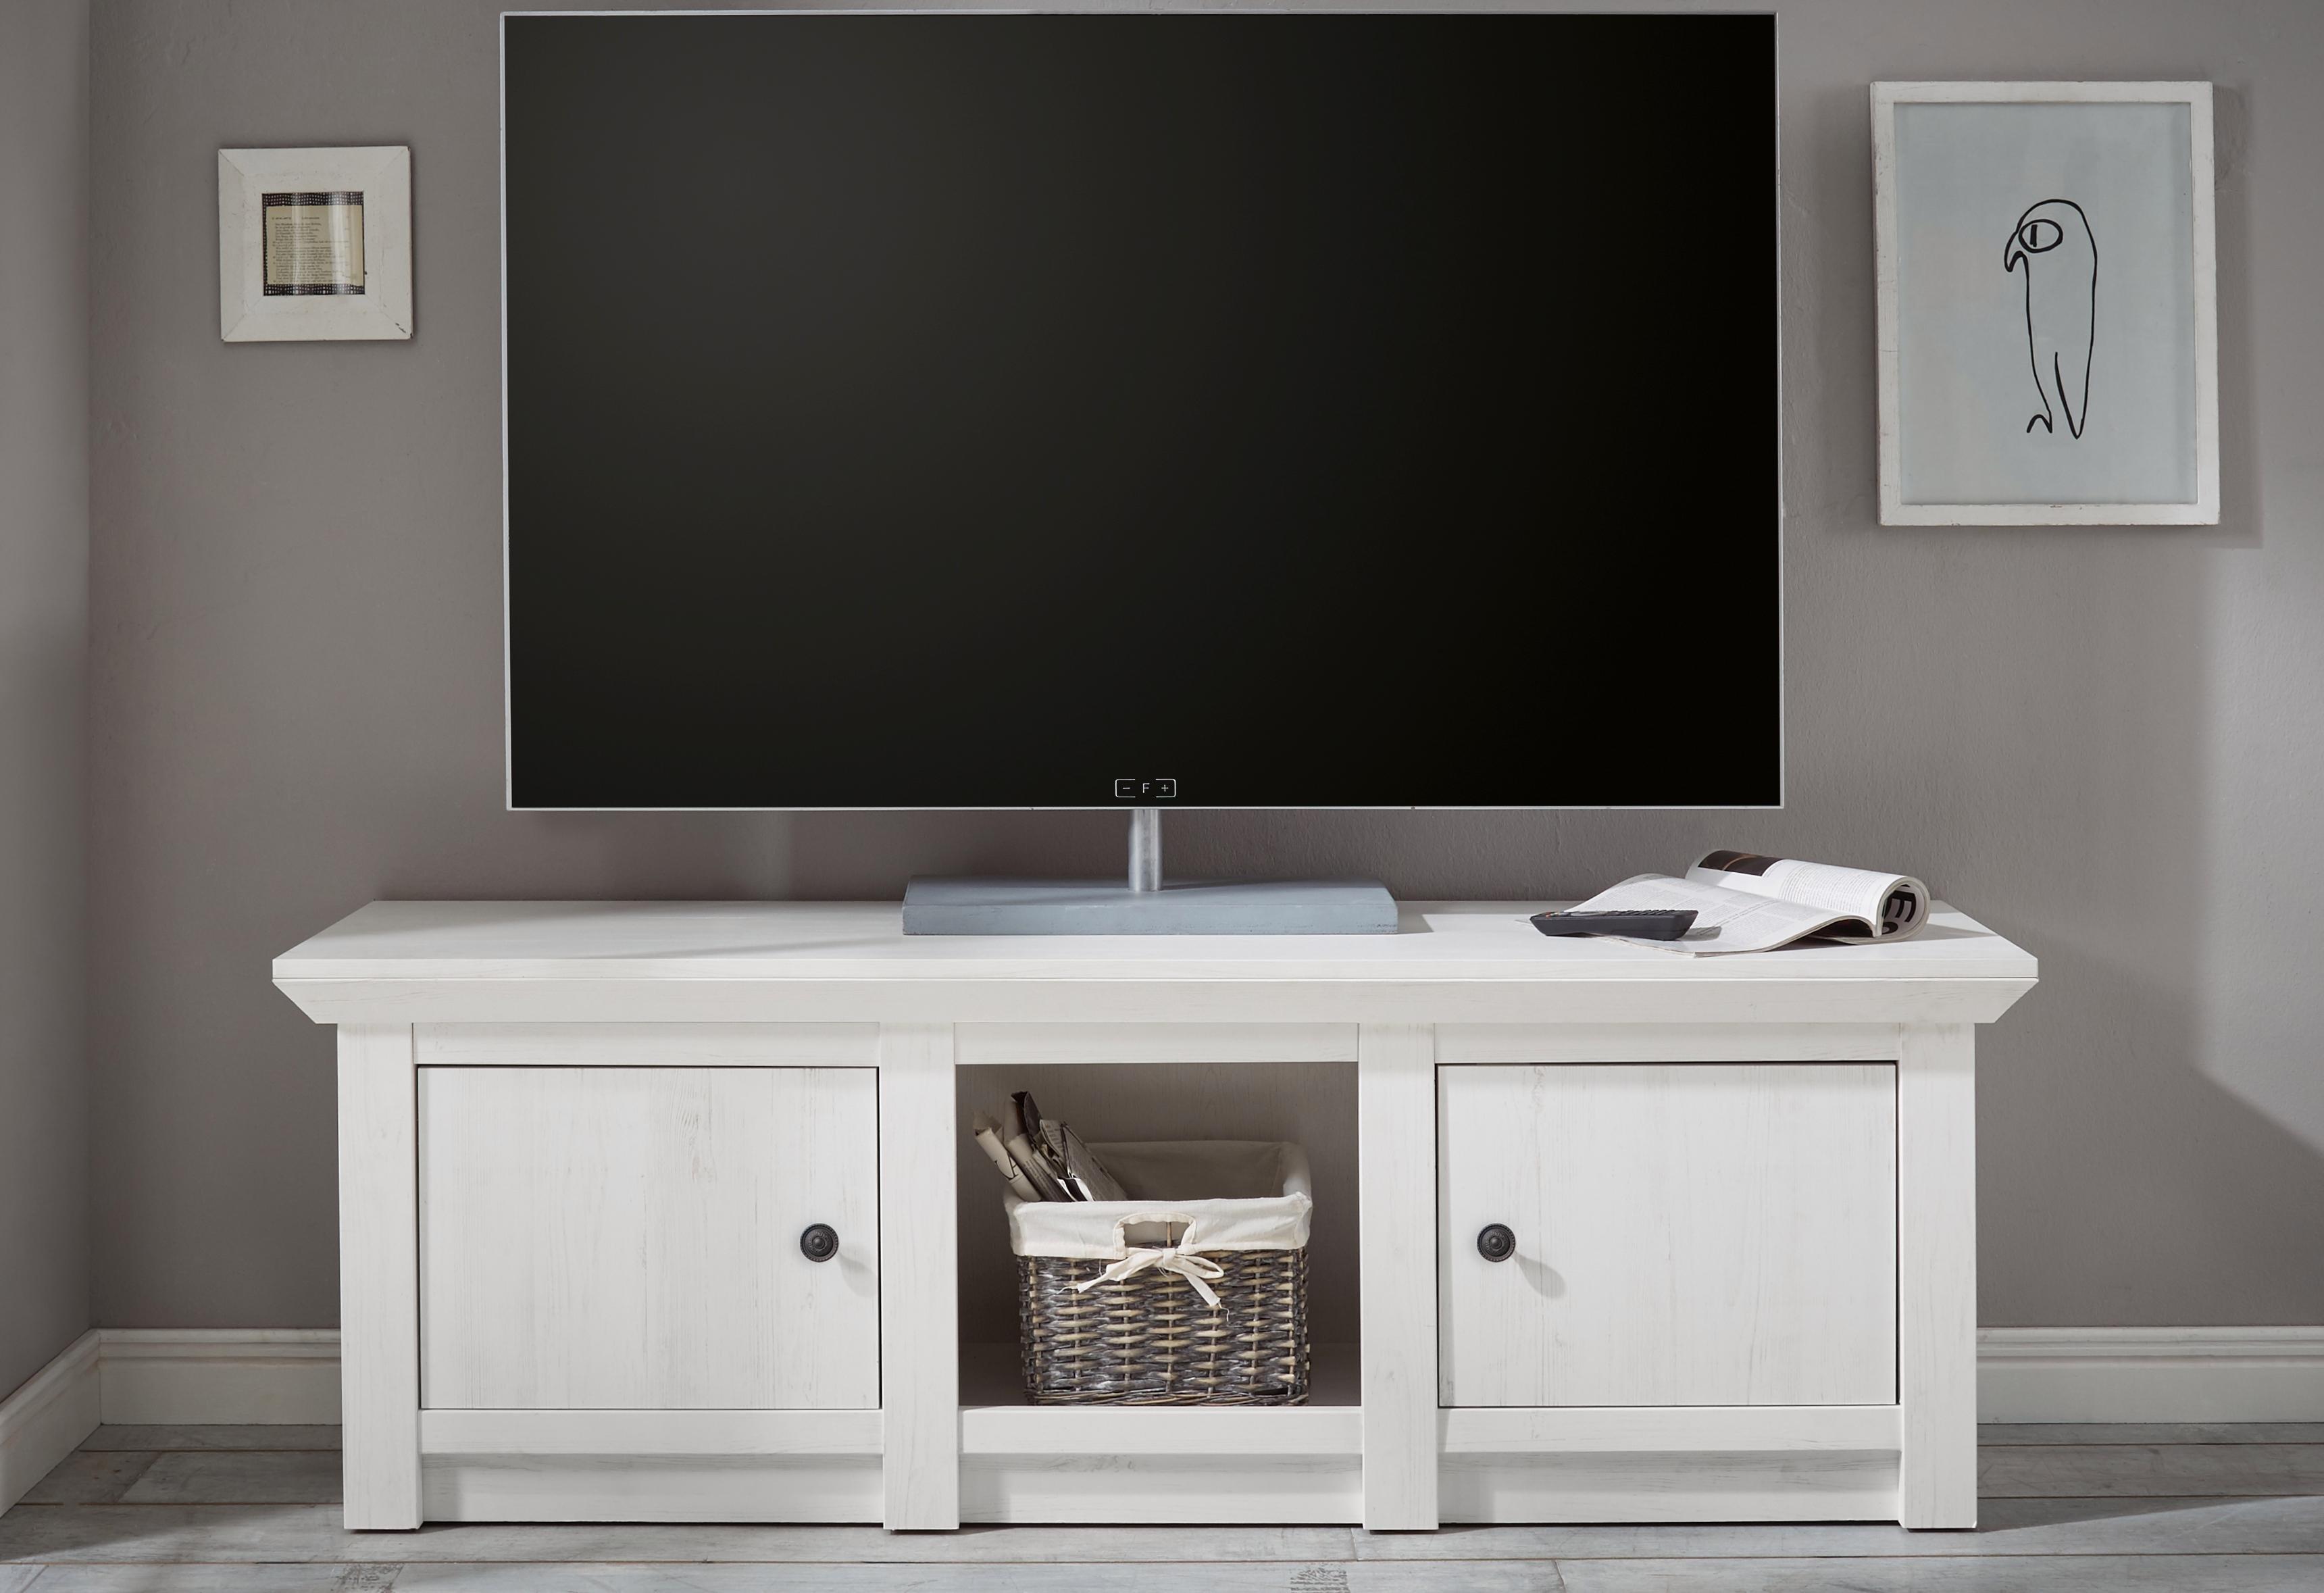 Home Affaire lowboard »California«, breedte 152 cm voordelig en veilig online kopen